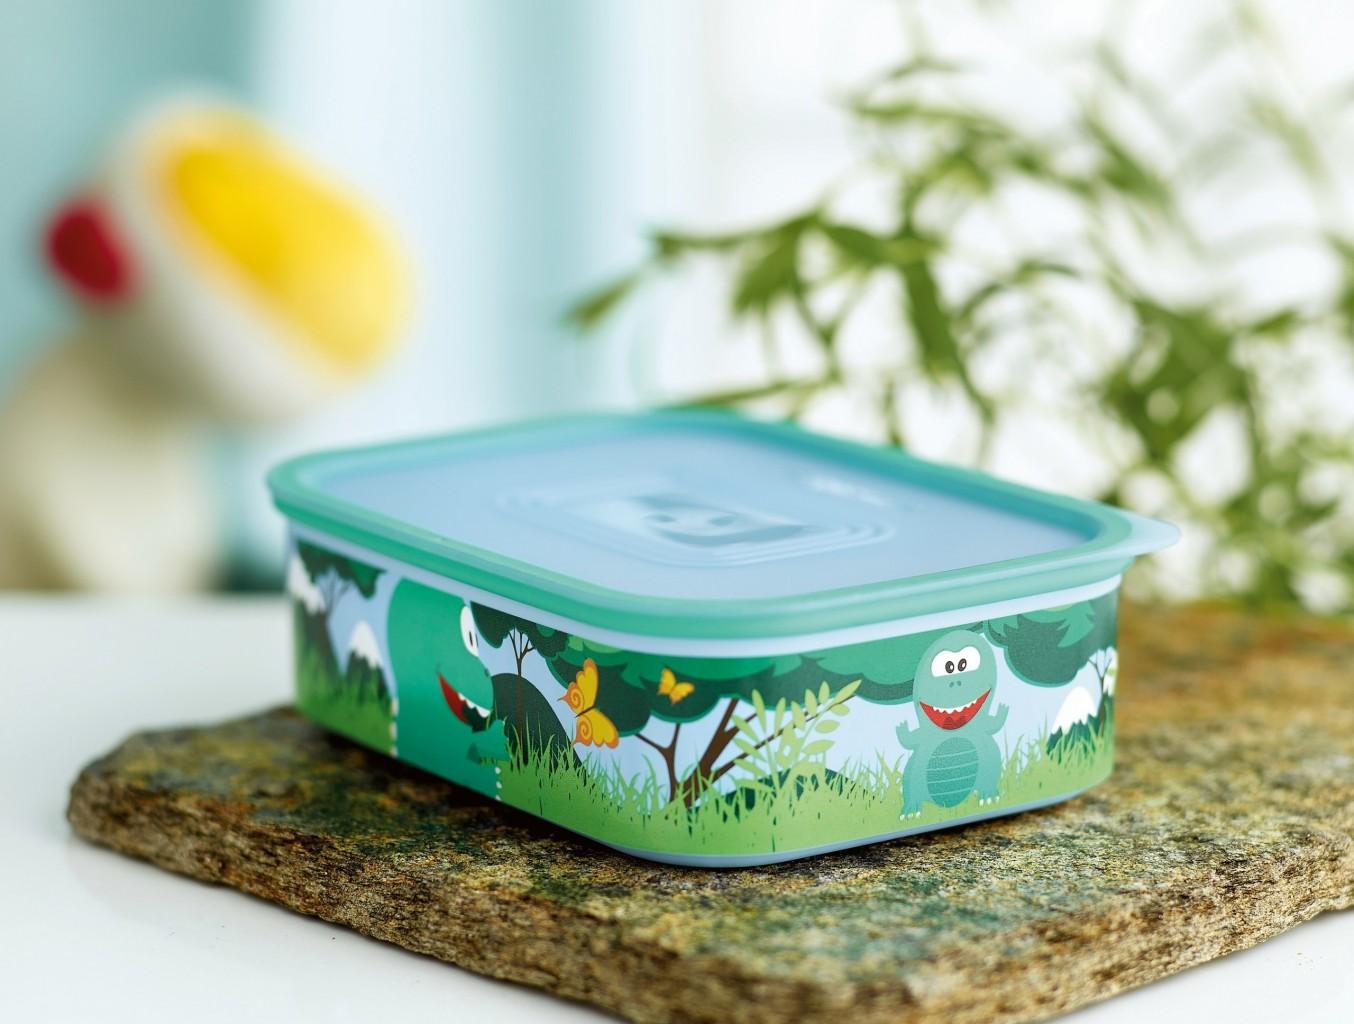 Сбор заказов. Tupperware - умная посуда для вашей кухни. Соберем ребенка в школу. Термосервирователь за пол-цены! Распродажа. Скидки. Выкуп-11.